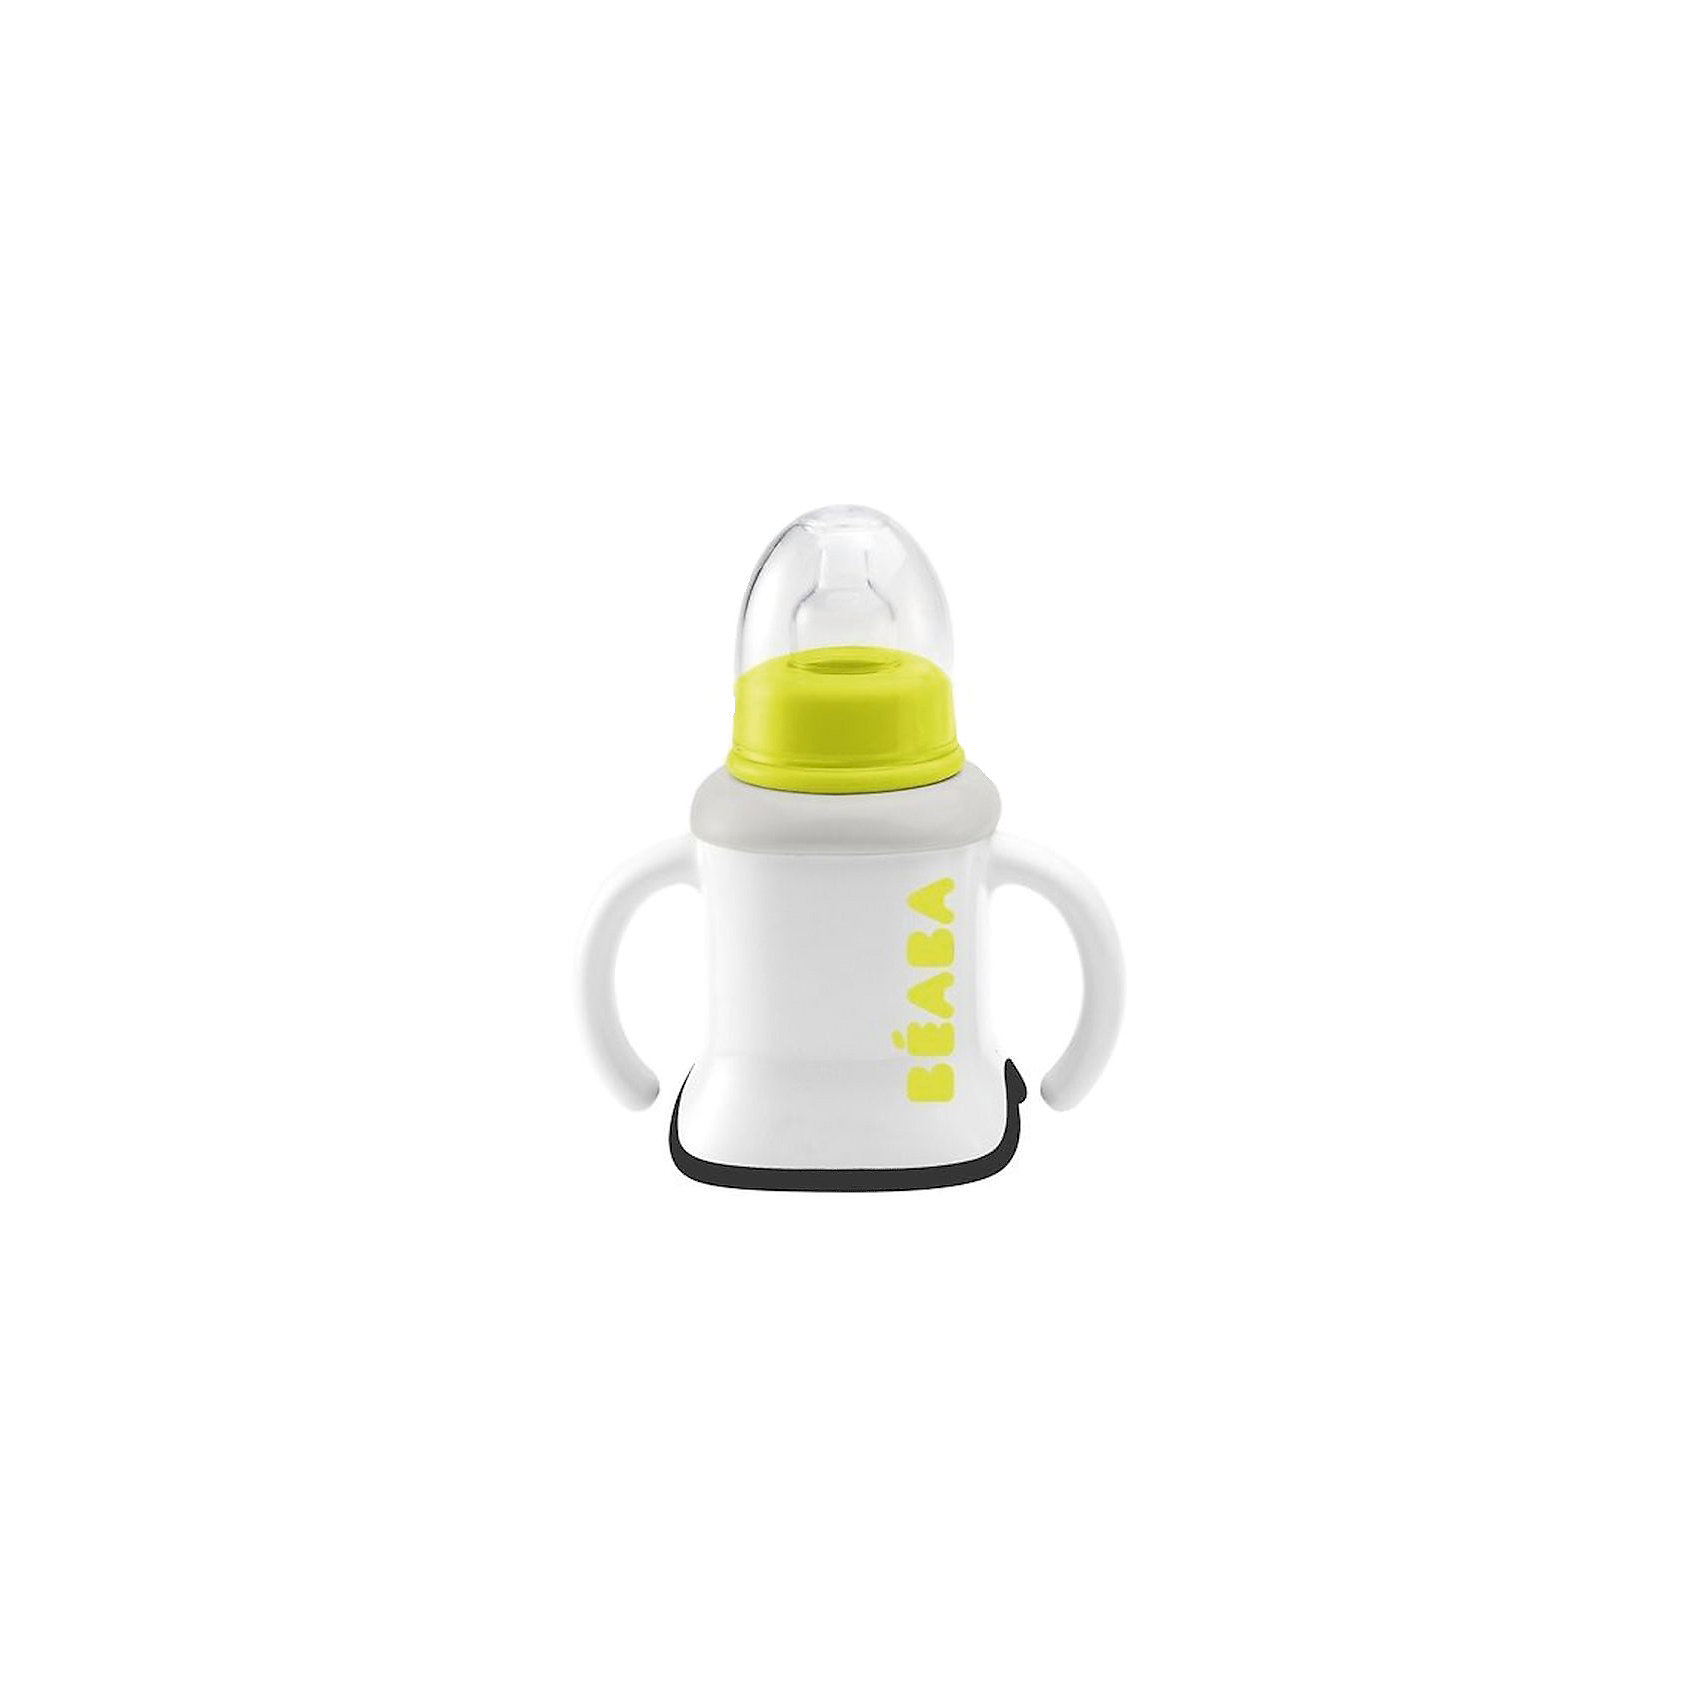 Поильник 3 в 1, 150 мл, Beaba, салатовыйПоильники<br>Детский поильник Beaba 3в1 позволяет использовать его с соской-насадкой, насадкой для поильника или в качестве кружки с ручками. <br><br>Насадка с соской надевается на поильник, малыш может употреблять жидкую смесь или воду. Соска силиконовая, классической формы. <br><br>Облегчить переход от бутылочки к кружке поможет поильник. Полипропиленовый носик с отверстиями, через которые поступает сок или водичка. Насадка герметично закрывается, жидкость не проливается. <br><br>Кружка используется для самостоятельного питья малышом, как из взрослой чашки. Двойные ручки помогают крепче удерживать чашку, симметрично располагают чашку в обеих ручках малыша. <br><br>Дополнительная информация:<br><br>- нескользящая насадка на дне поильника Beaba;<br>- плавный переход от бутылочки к чашке;<br>- поильник-дозатор;<br>- эргономичные ручки.<br><br>Объем: 150 мл<br><br>Материал: полипропилен, силикон, пластик<br><br>Поильник Beaba можно мыть в посудомоечной машине. <br><br>Поильник 3 в 1, 150 мл, Beaba, салатовый можно купить в нашем интернет-магазине.<br><br>Ширина мм: 126<br>Глубина мм: 100<br>Высота мм: 155<br>Вес г: 120<br>Возраст от месяцев: 6<br>Возраст до месяцев: 18<br>Пол: Мужской<br>Возраст: Детский<br>SKU: 5045107